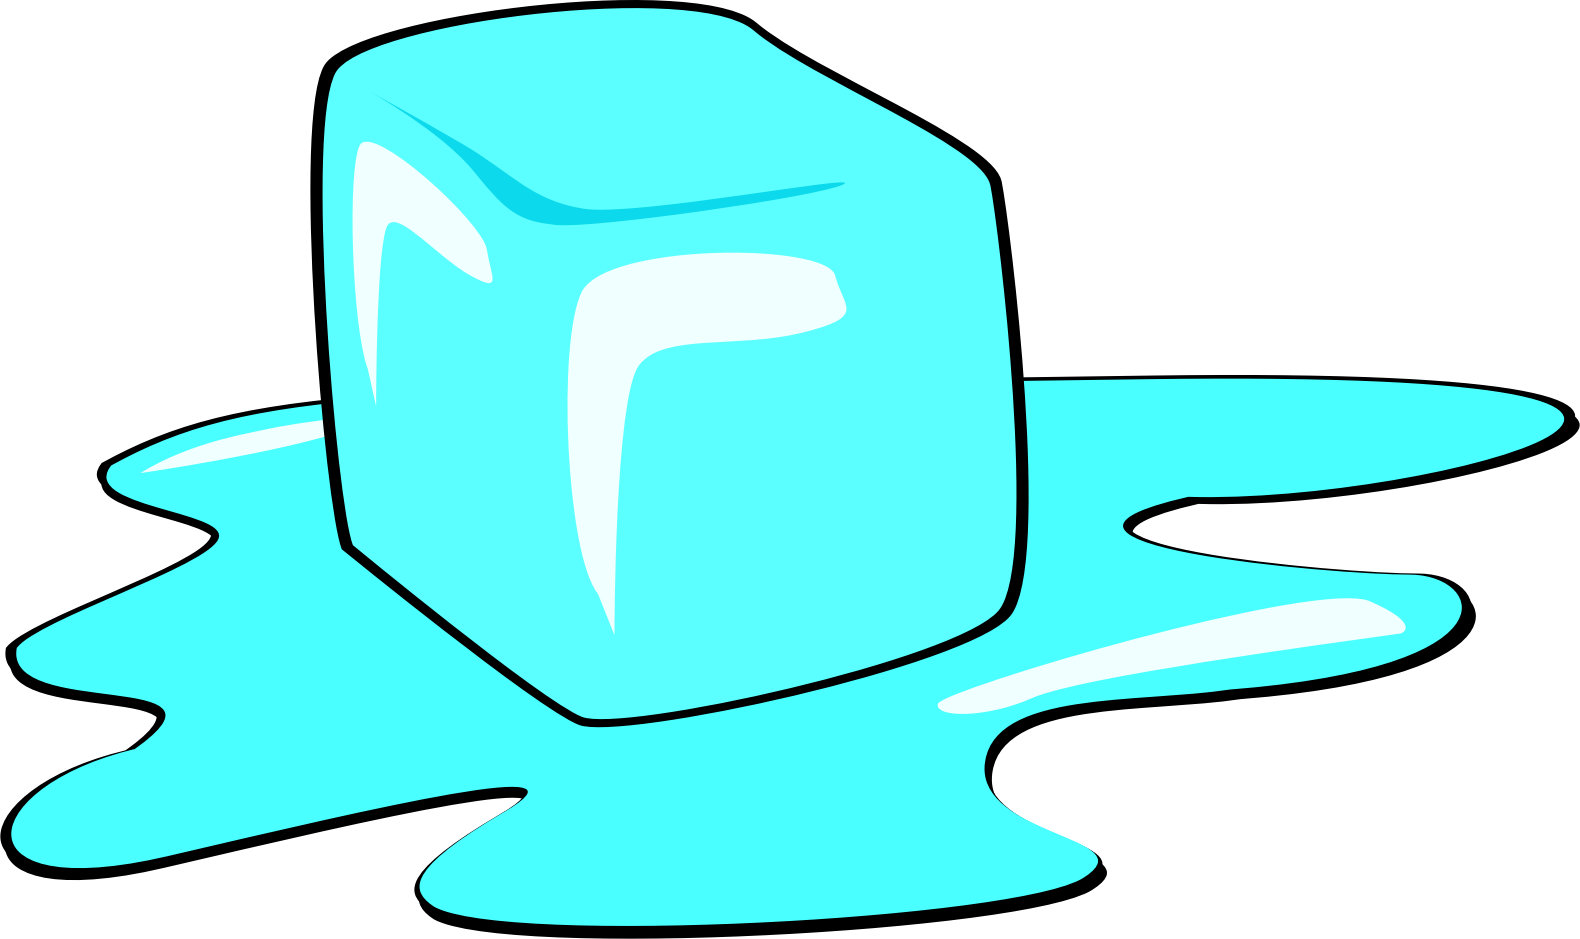 Icebreaker clipart.